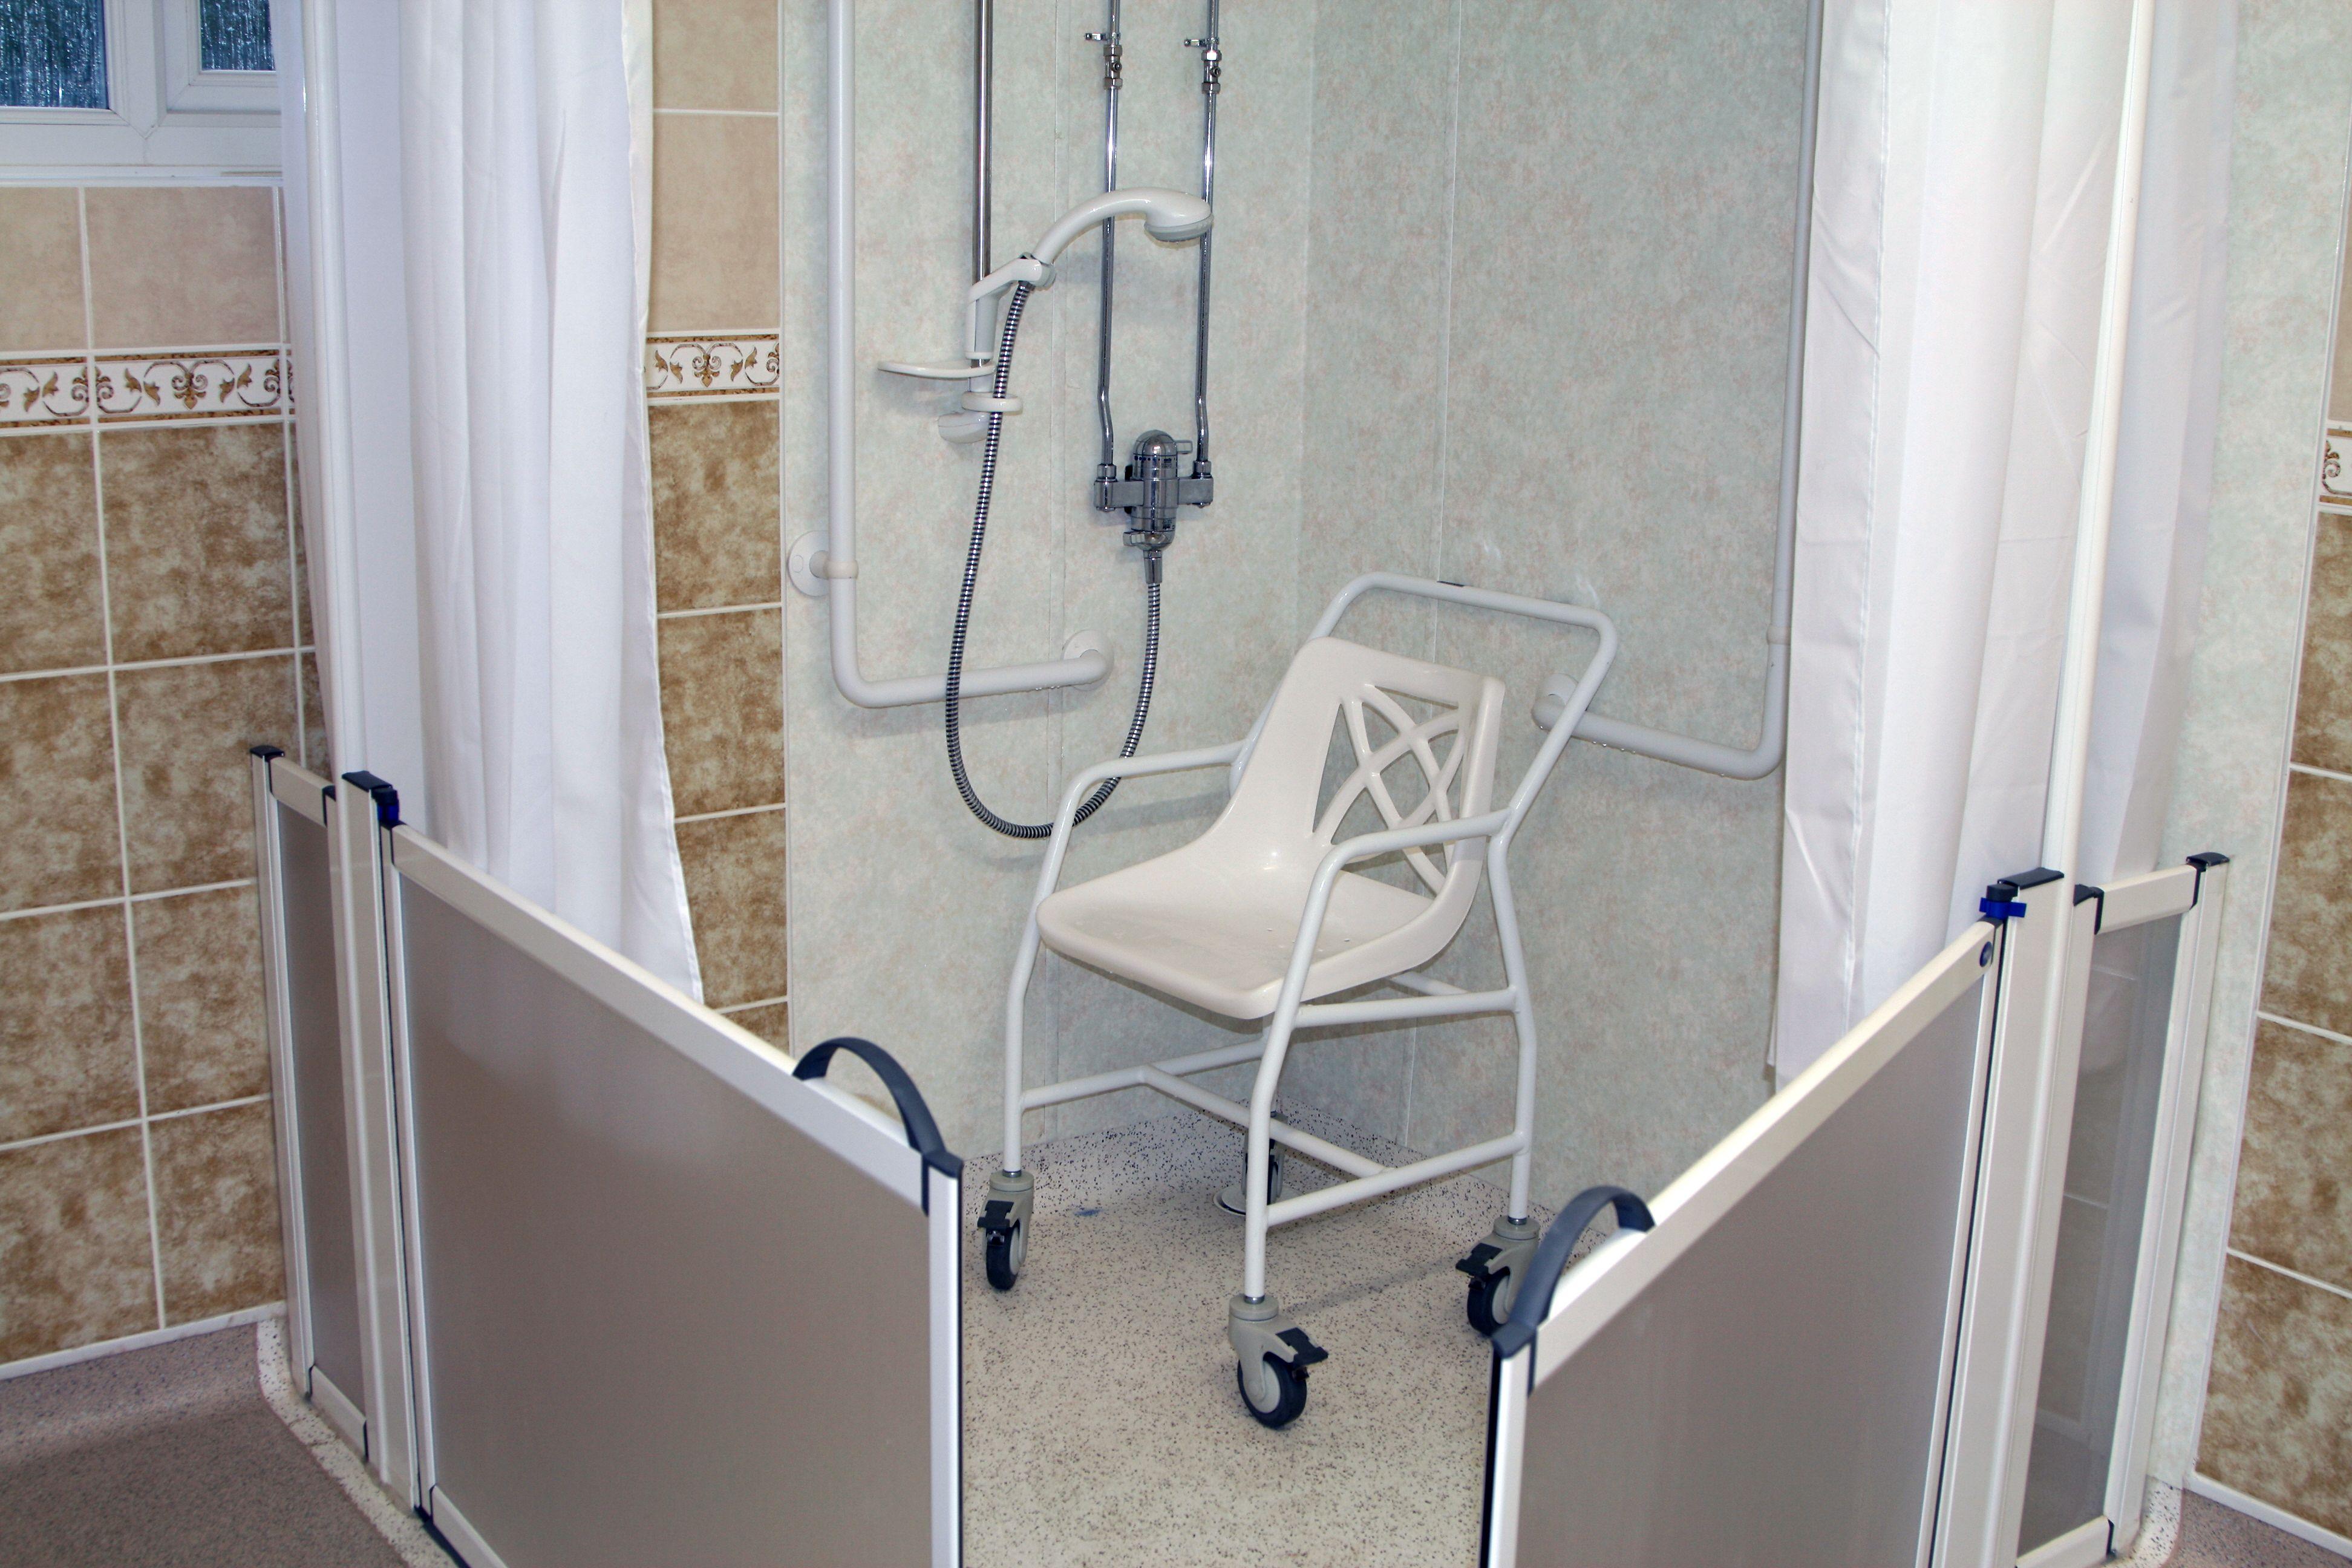 Ayudas técnicas: Productos  de Grupo Ortopedia Mayor